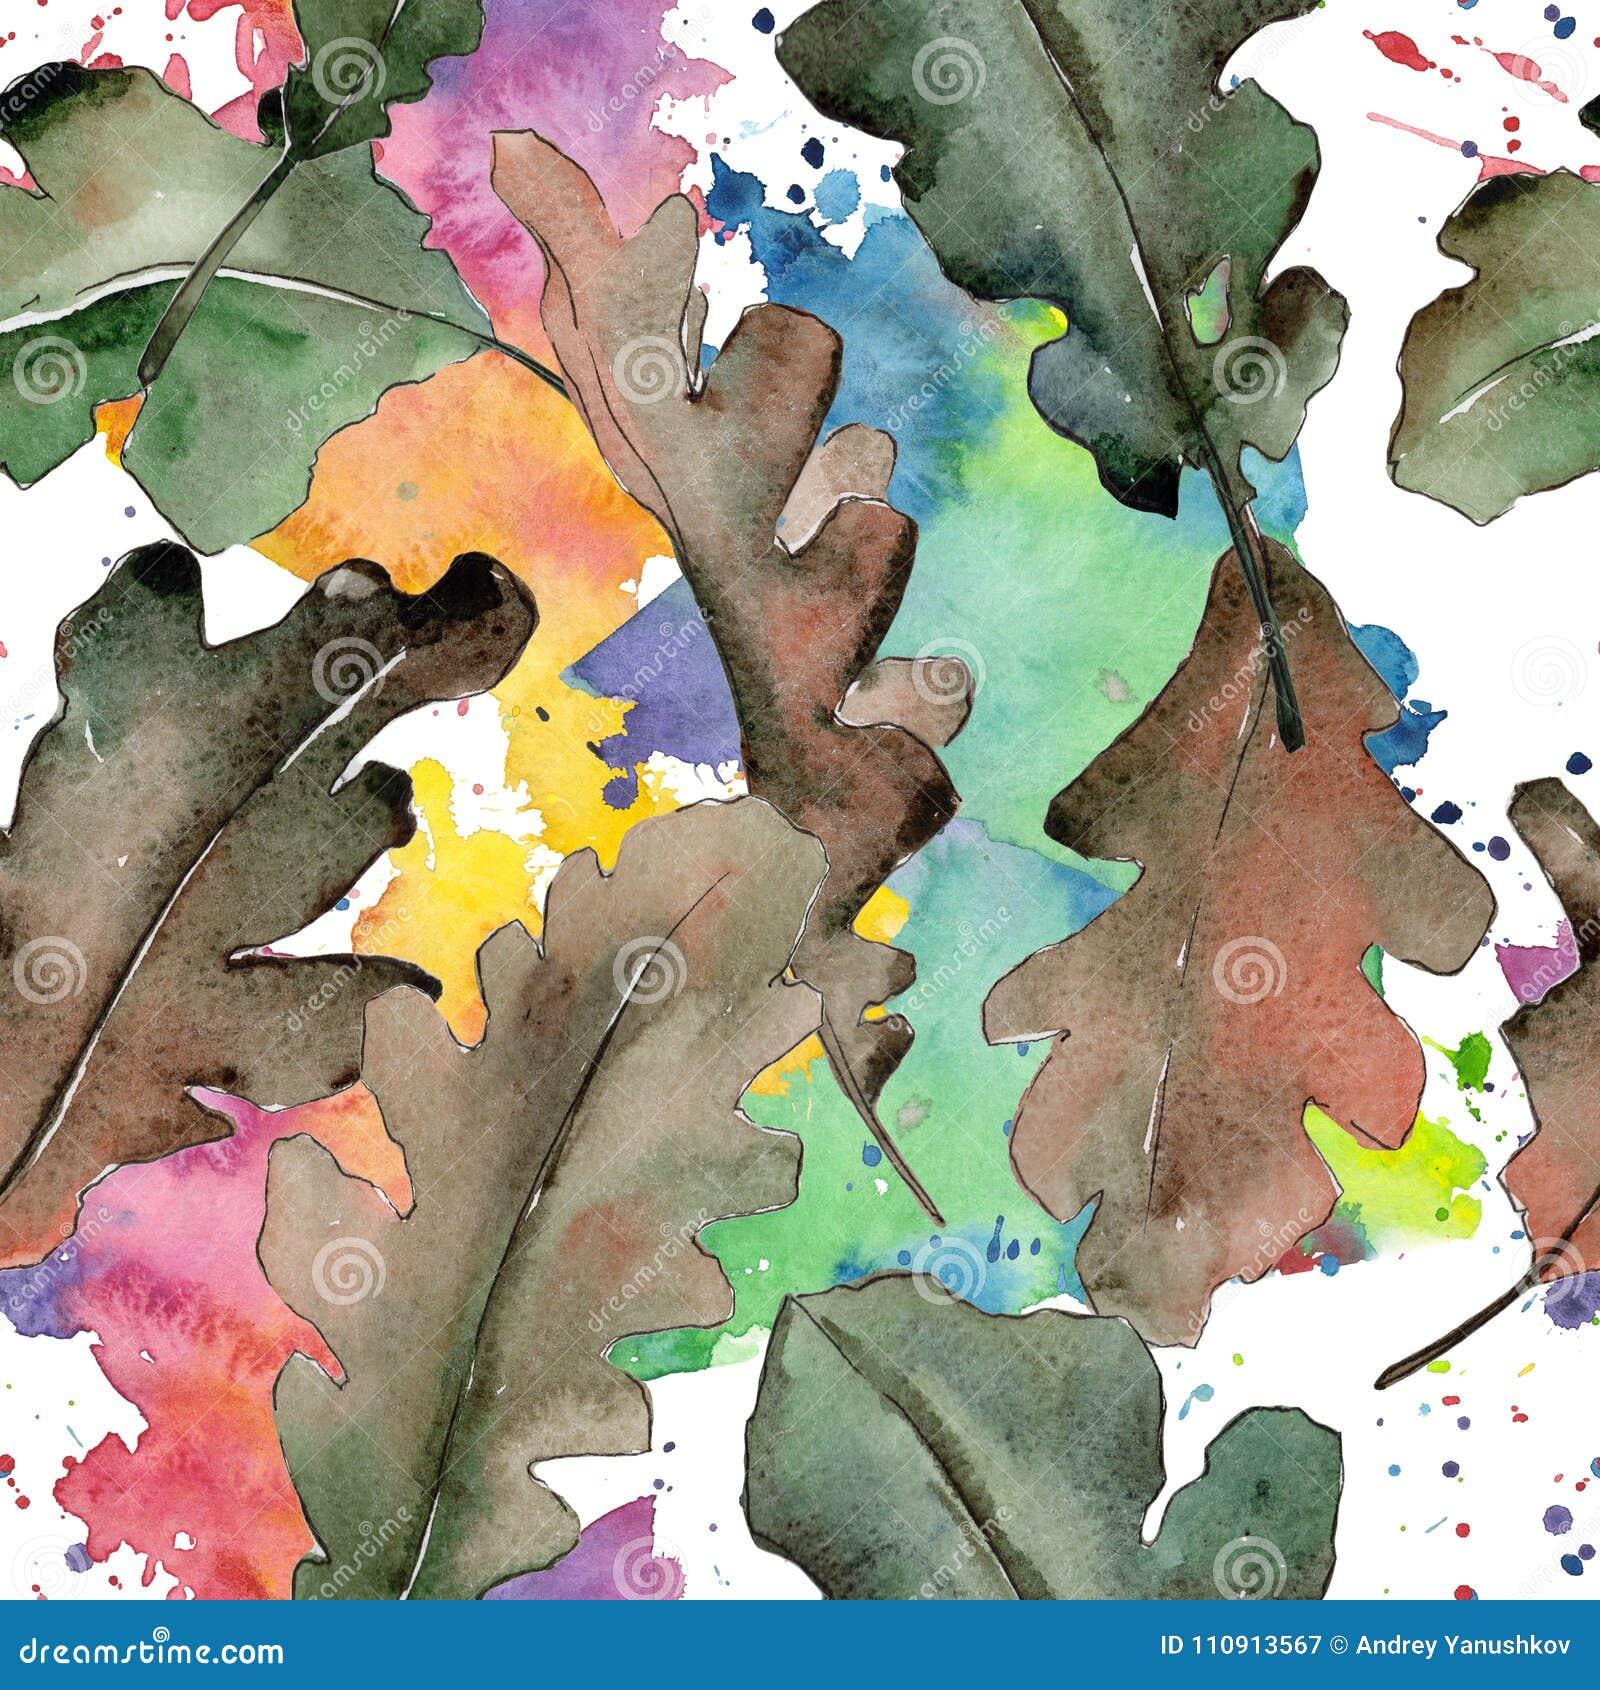 oak leaves pattern in a watercolor style stock illustration